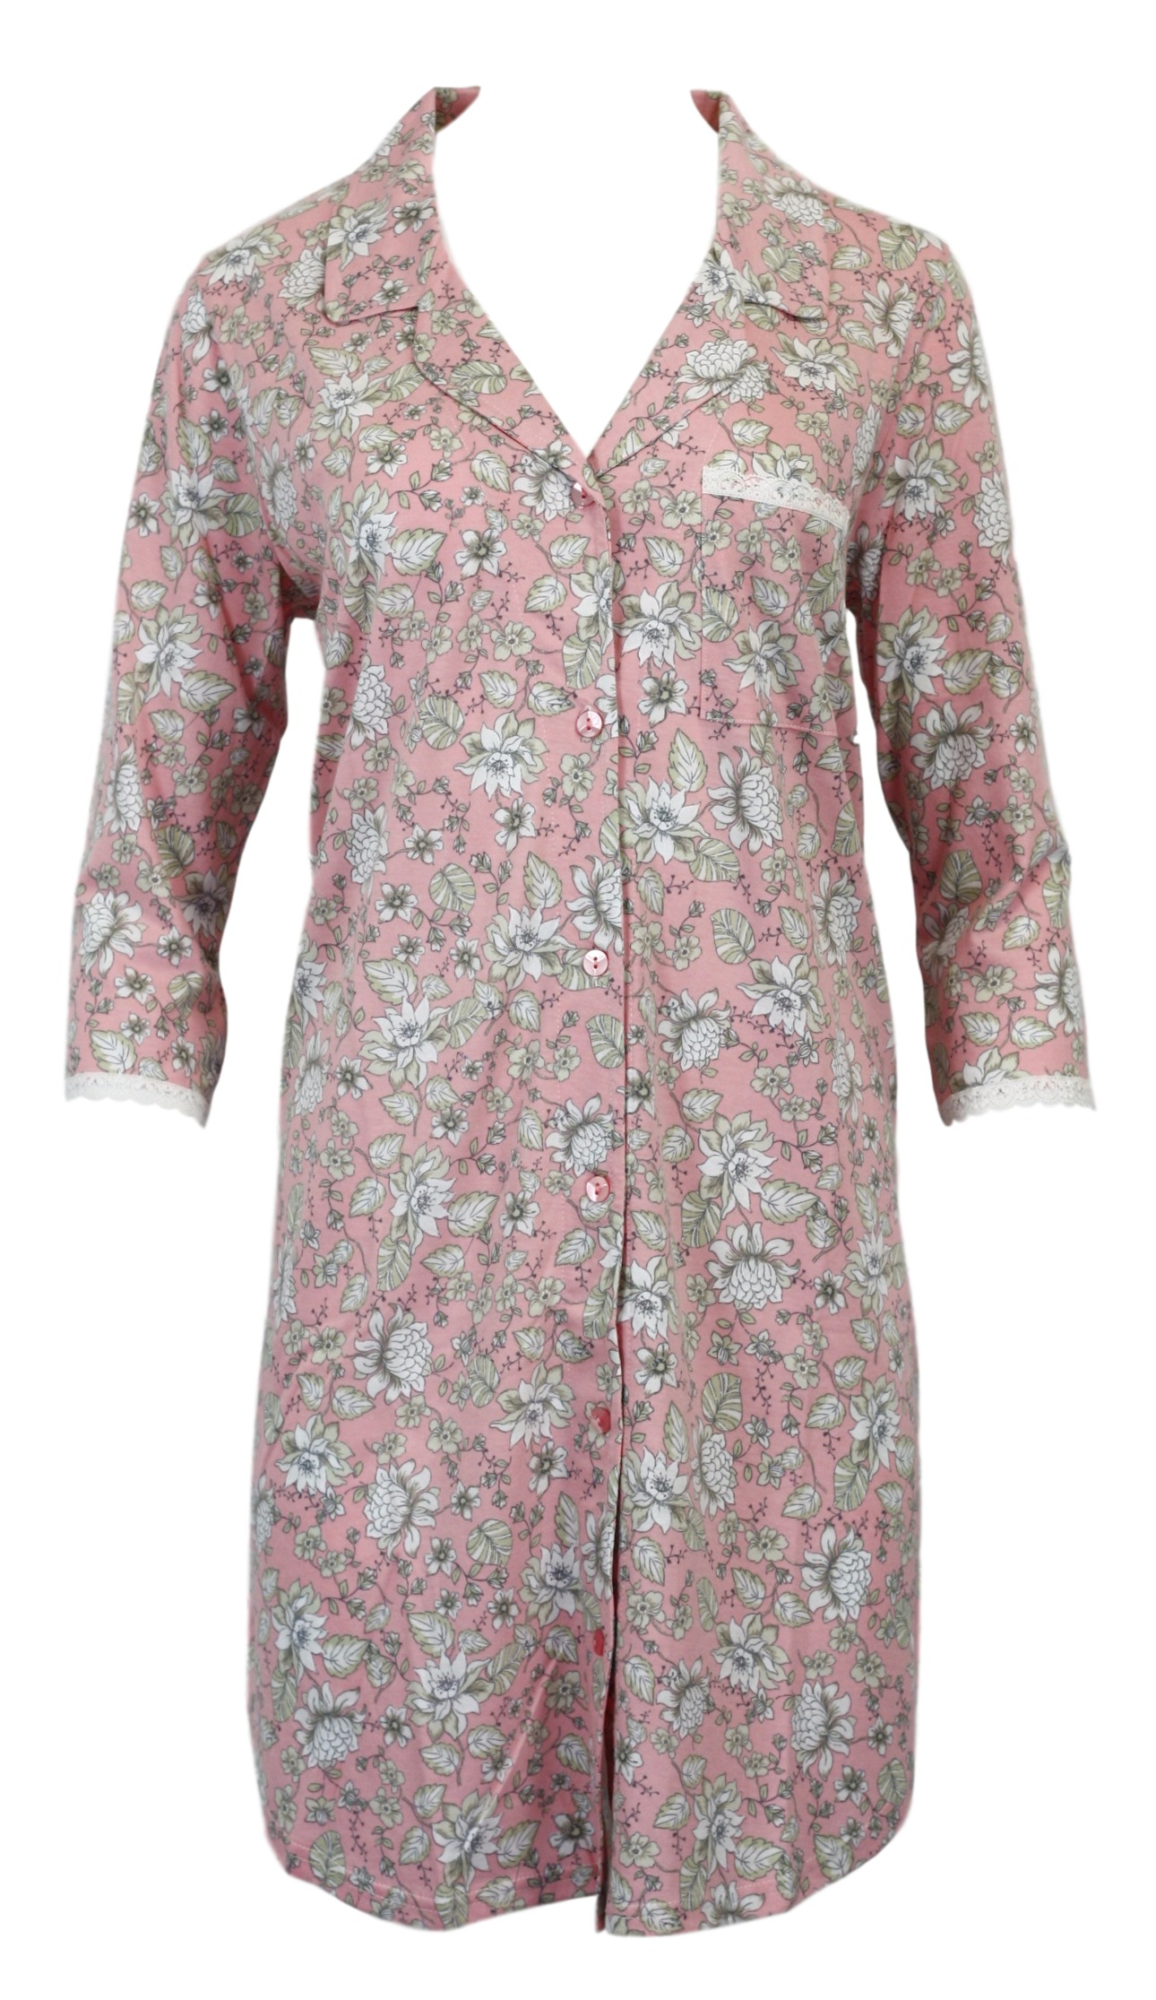 Dámská noční košile 6025 - Vamp růžová XS